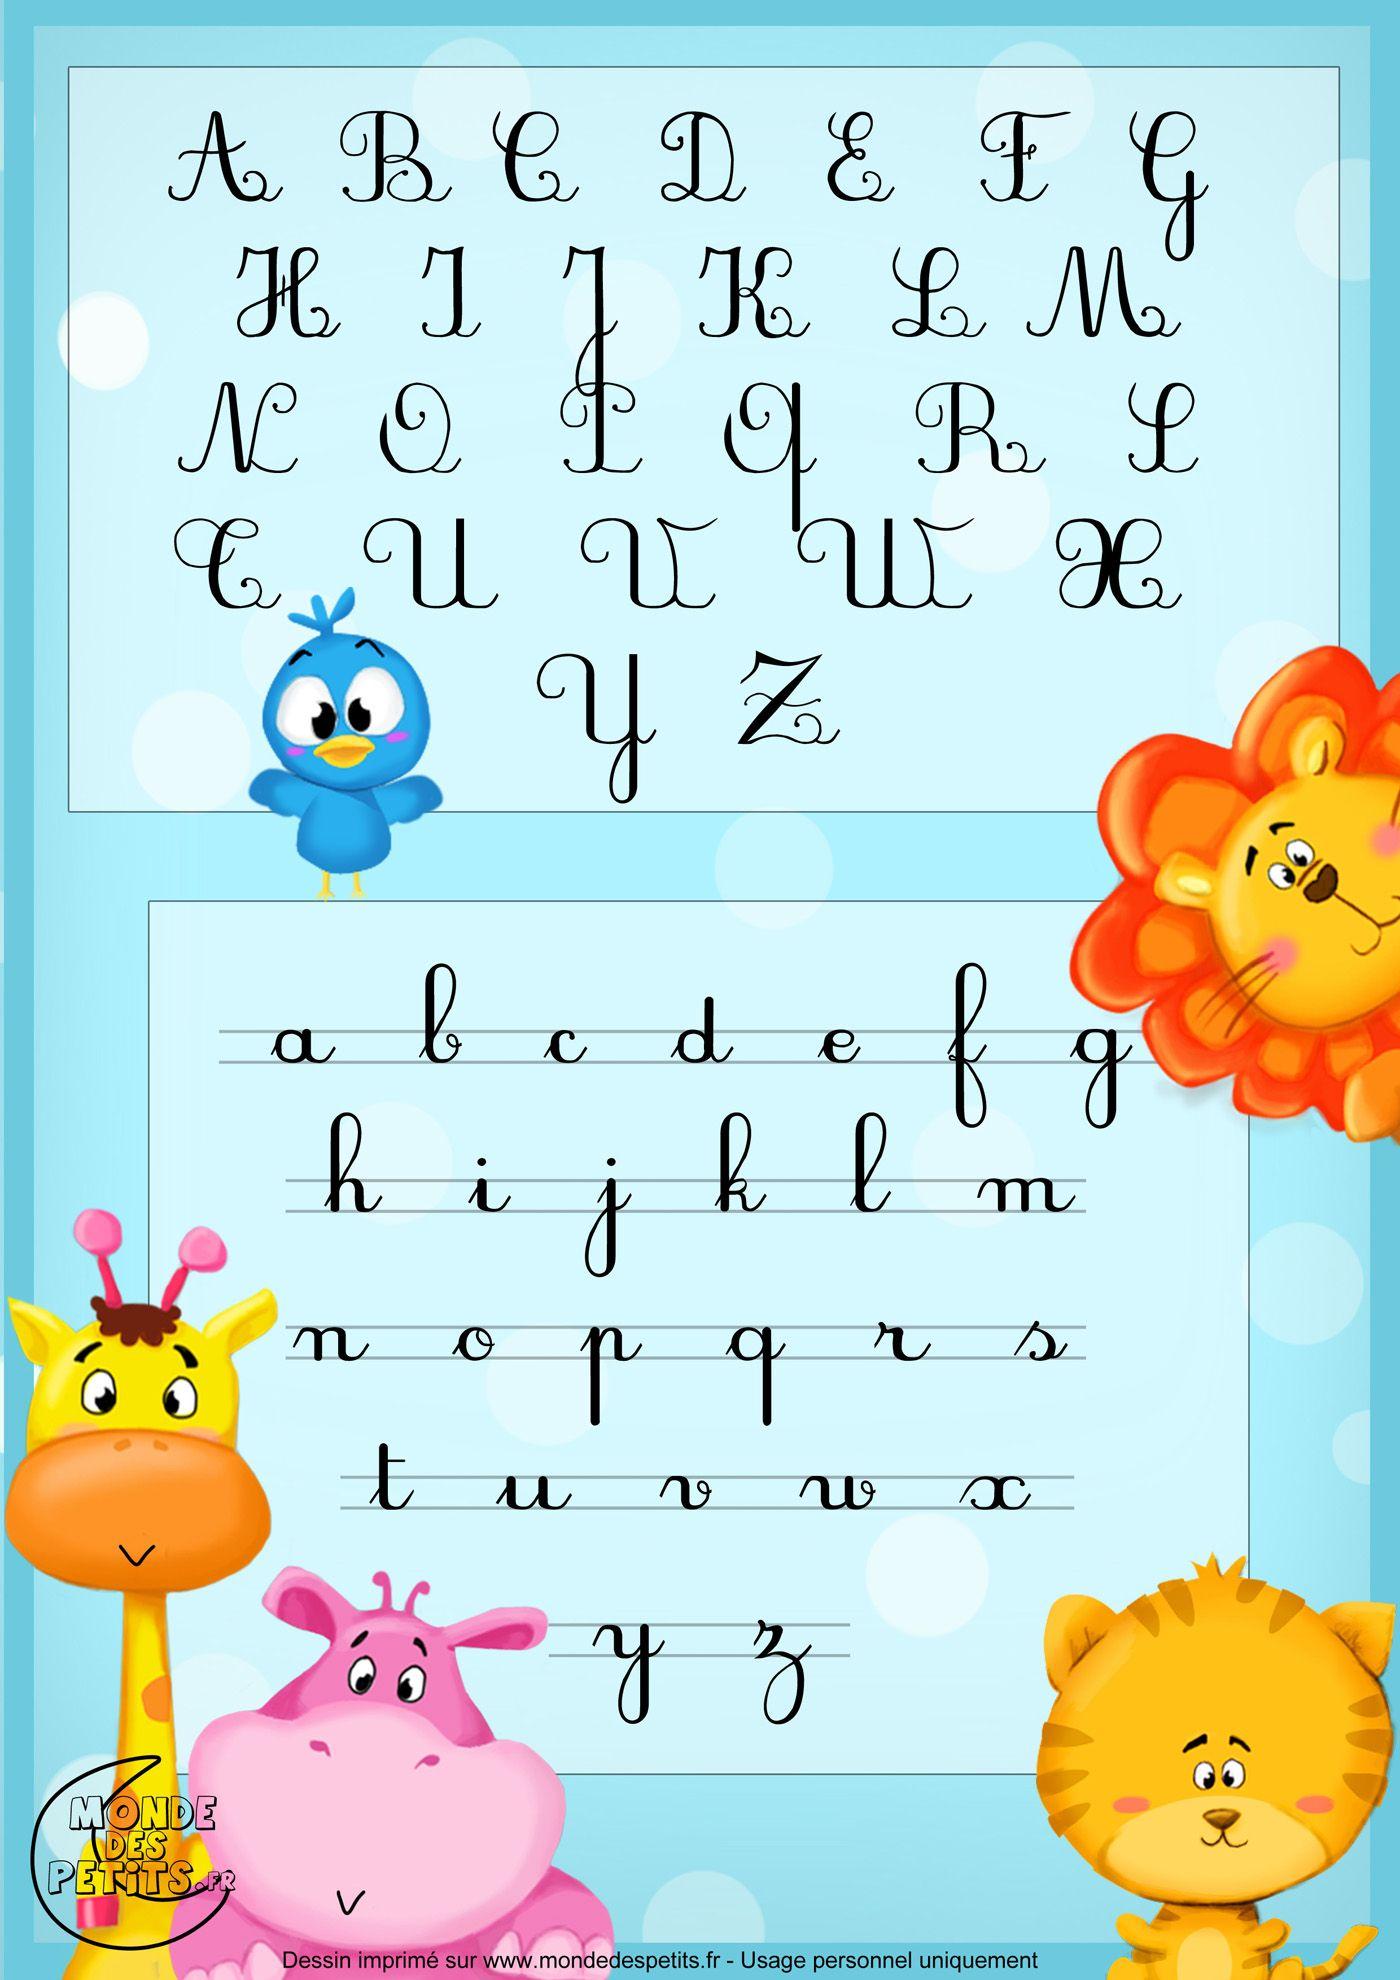 Pingl par tau elda sur ducation alphabet education et word search - Dessiner l alphabet ...